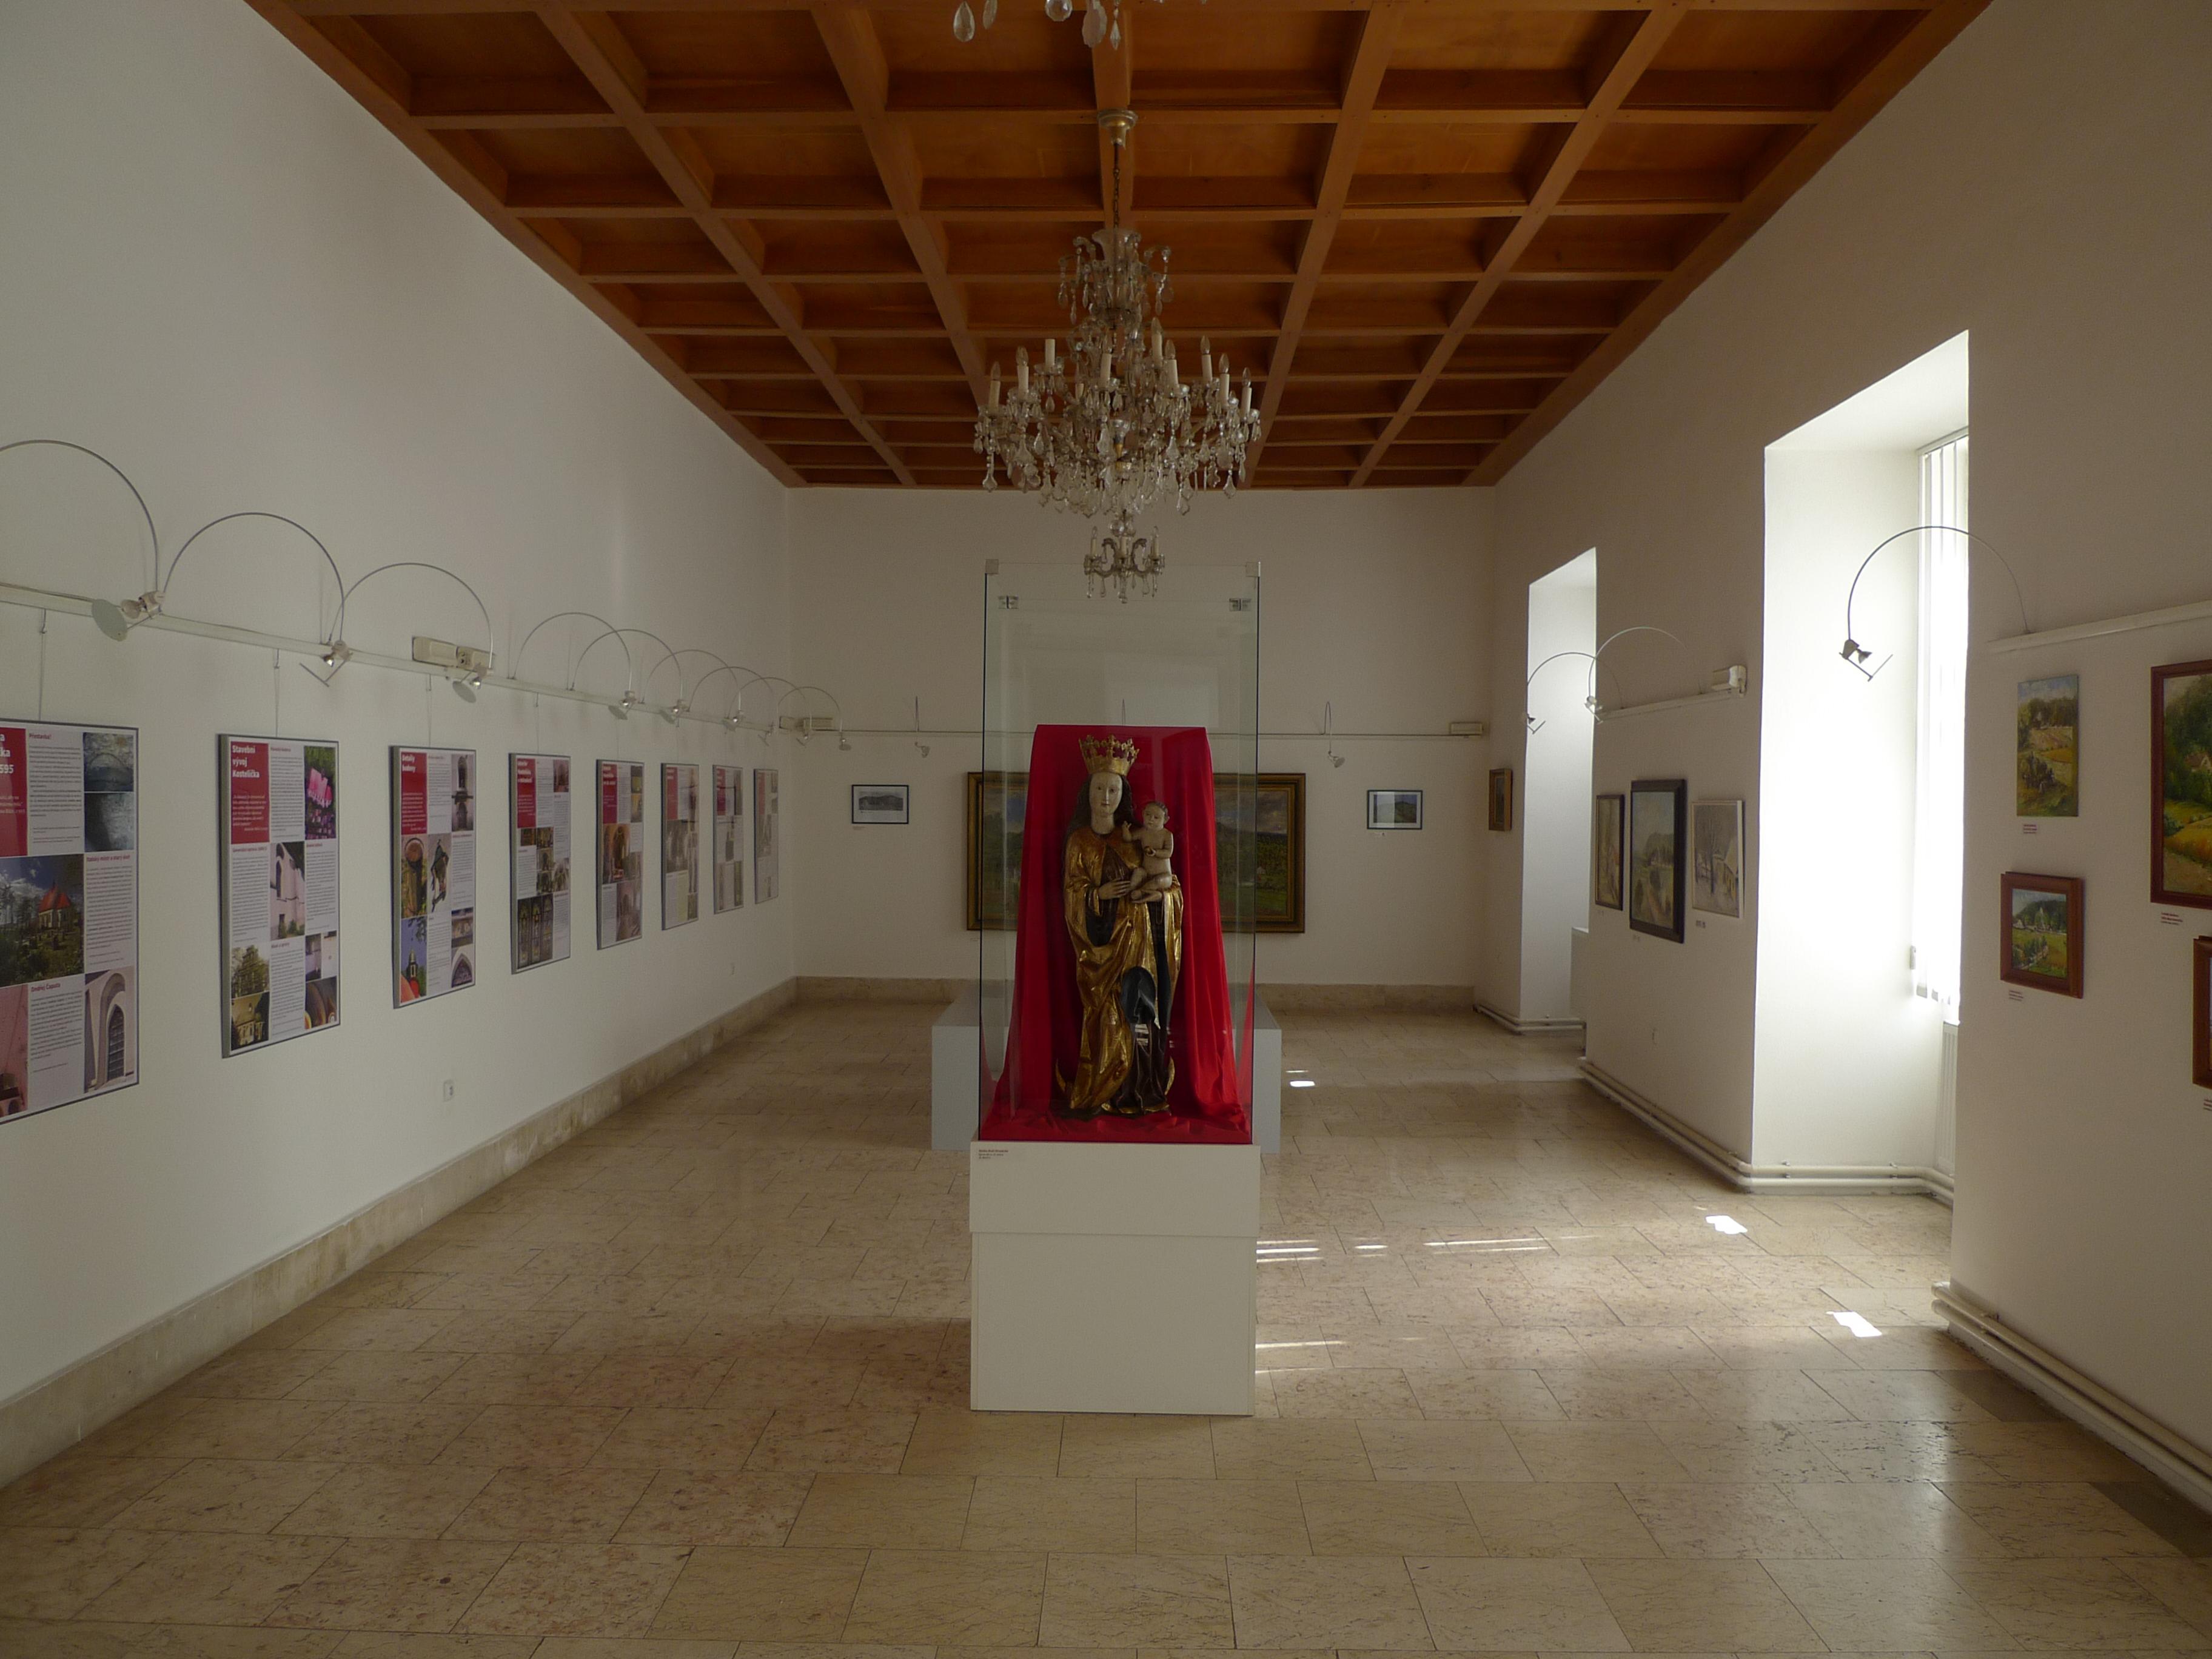 Asociace muzeí a galerií v České republice - Adresář muzeí a galerií ČR e350f8f01e